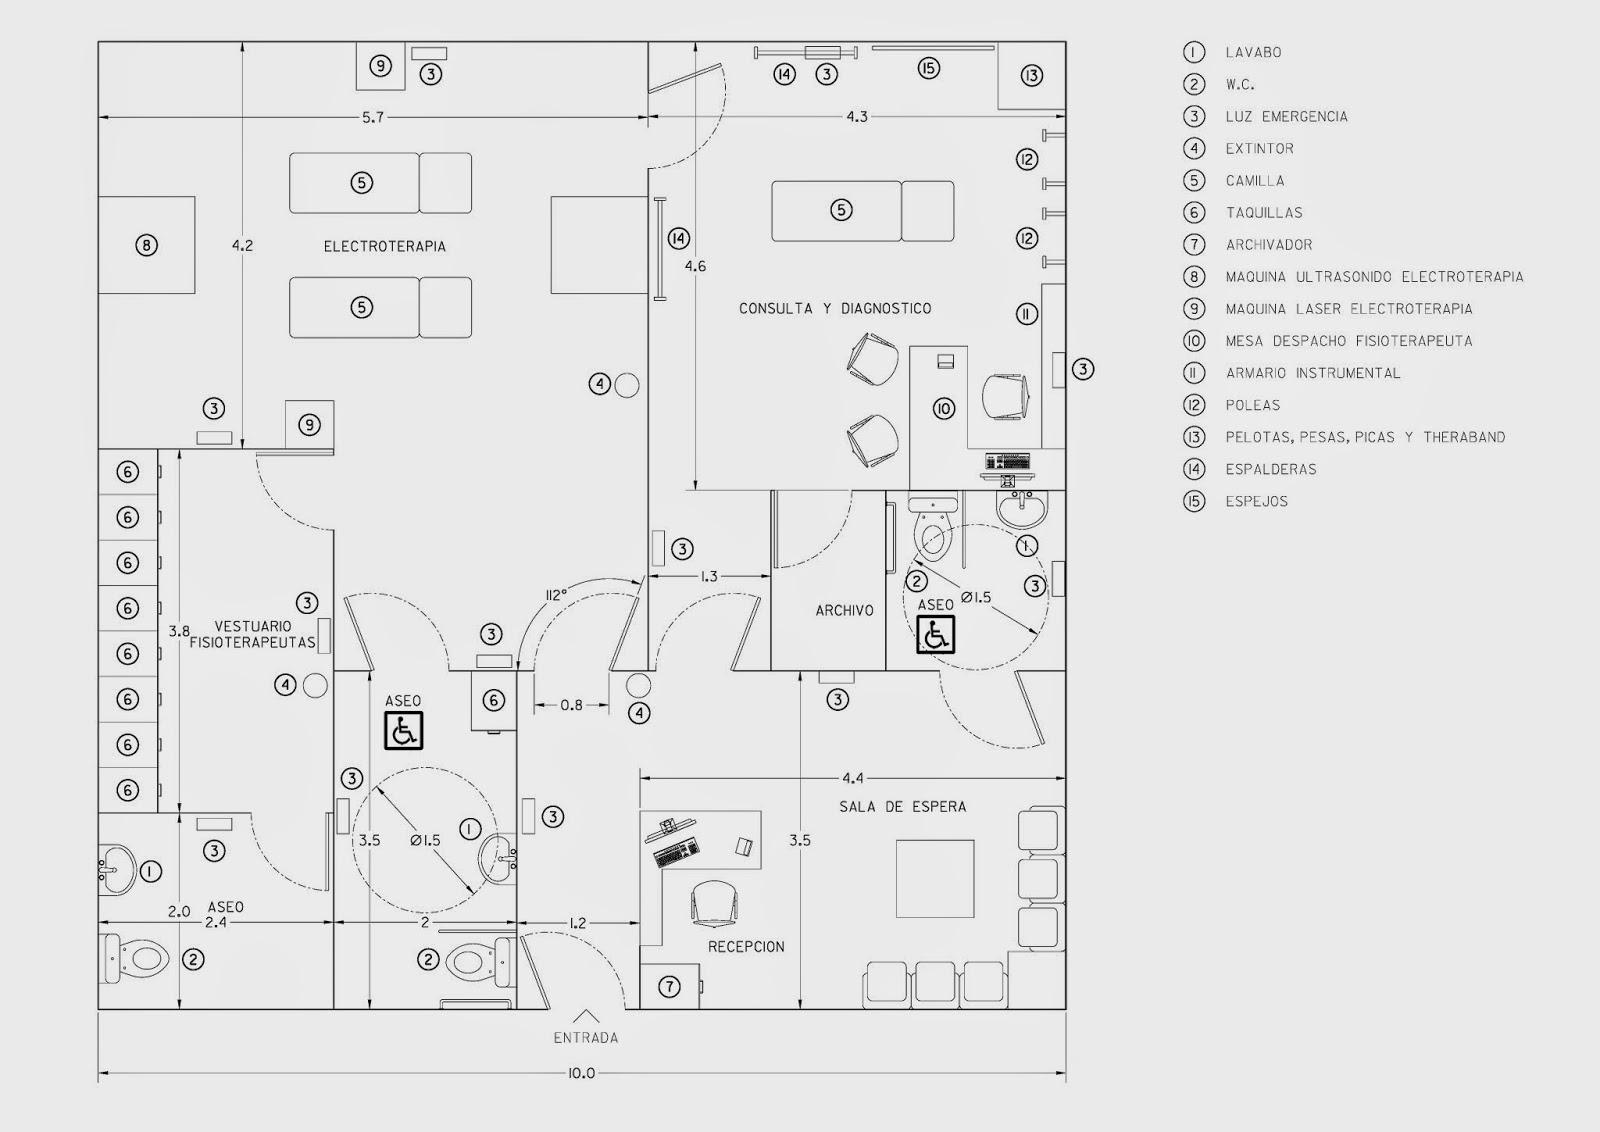 Requisitos Baño Minusvalidos:Las salas y los materiales de la clínica vienen incluidos en el plano